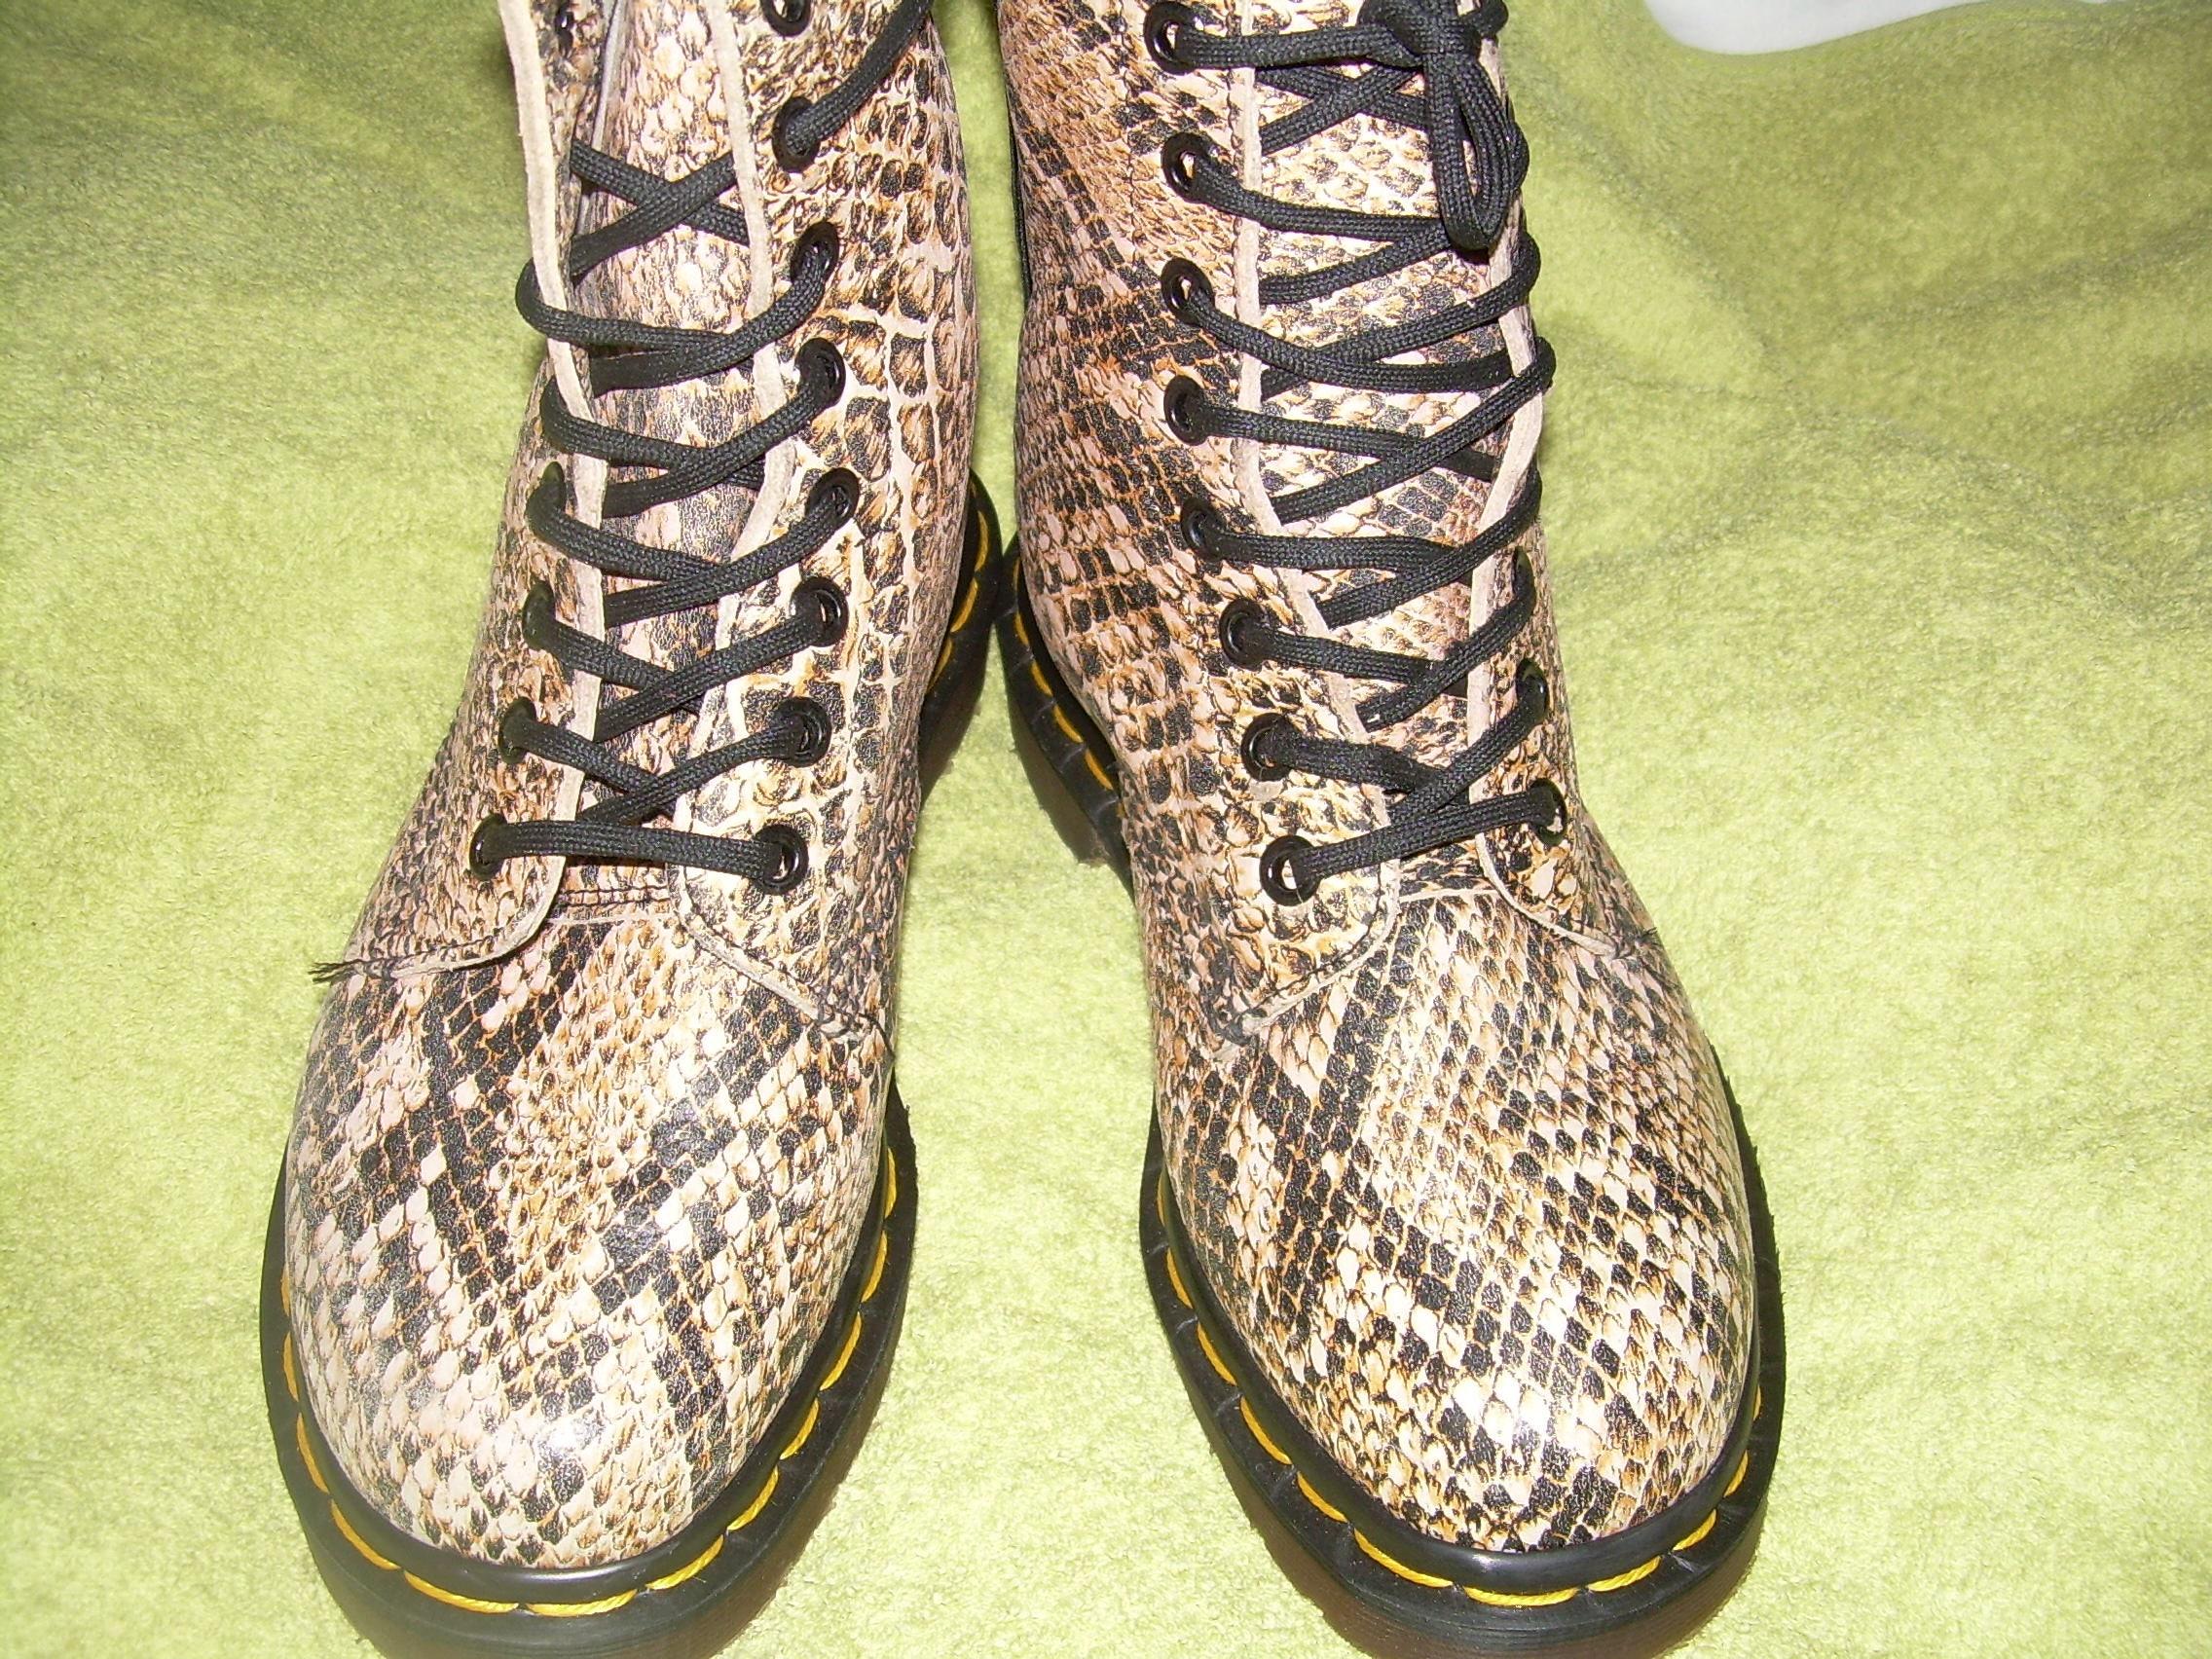 UK 3  Dr Martens boots  good as new  EU 36  US L 5  genuine vintage retro shoes